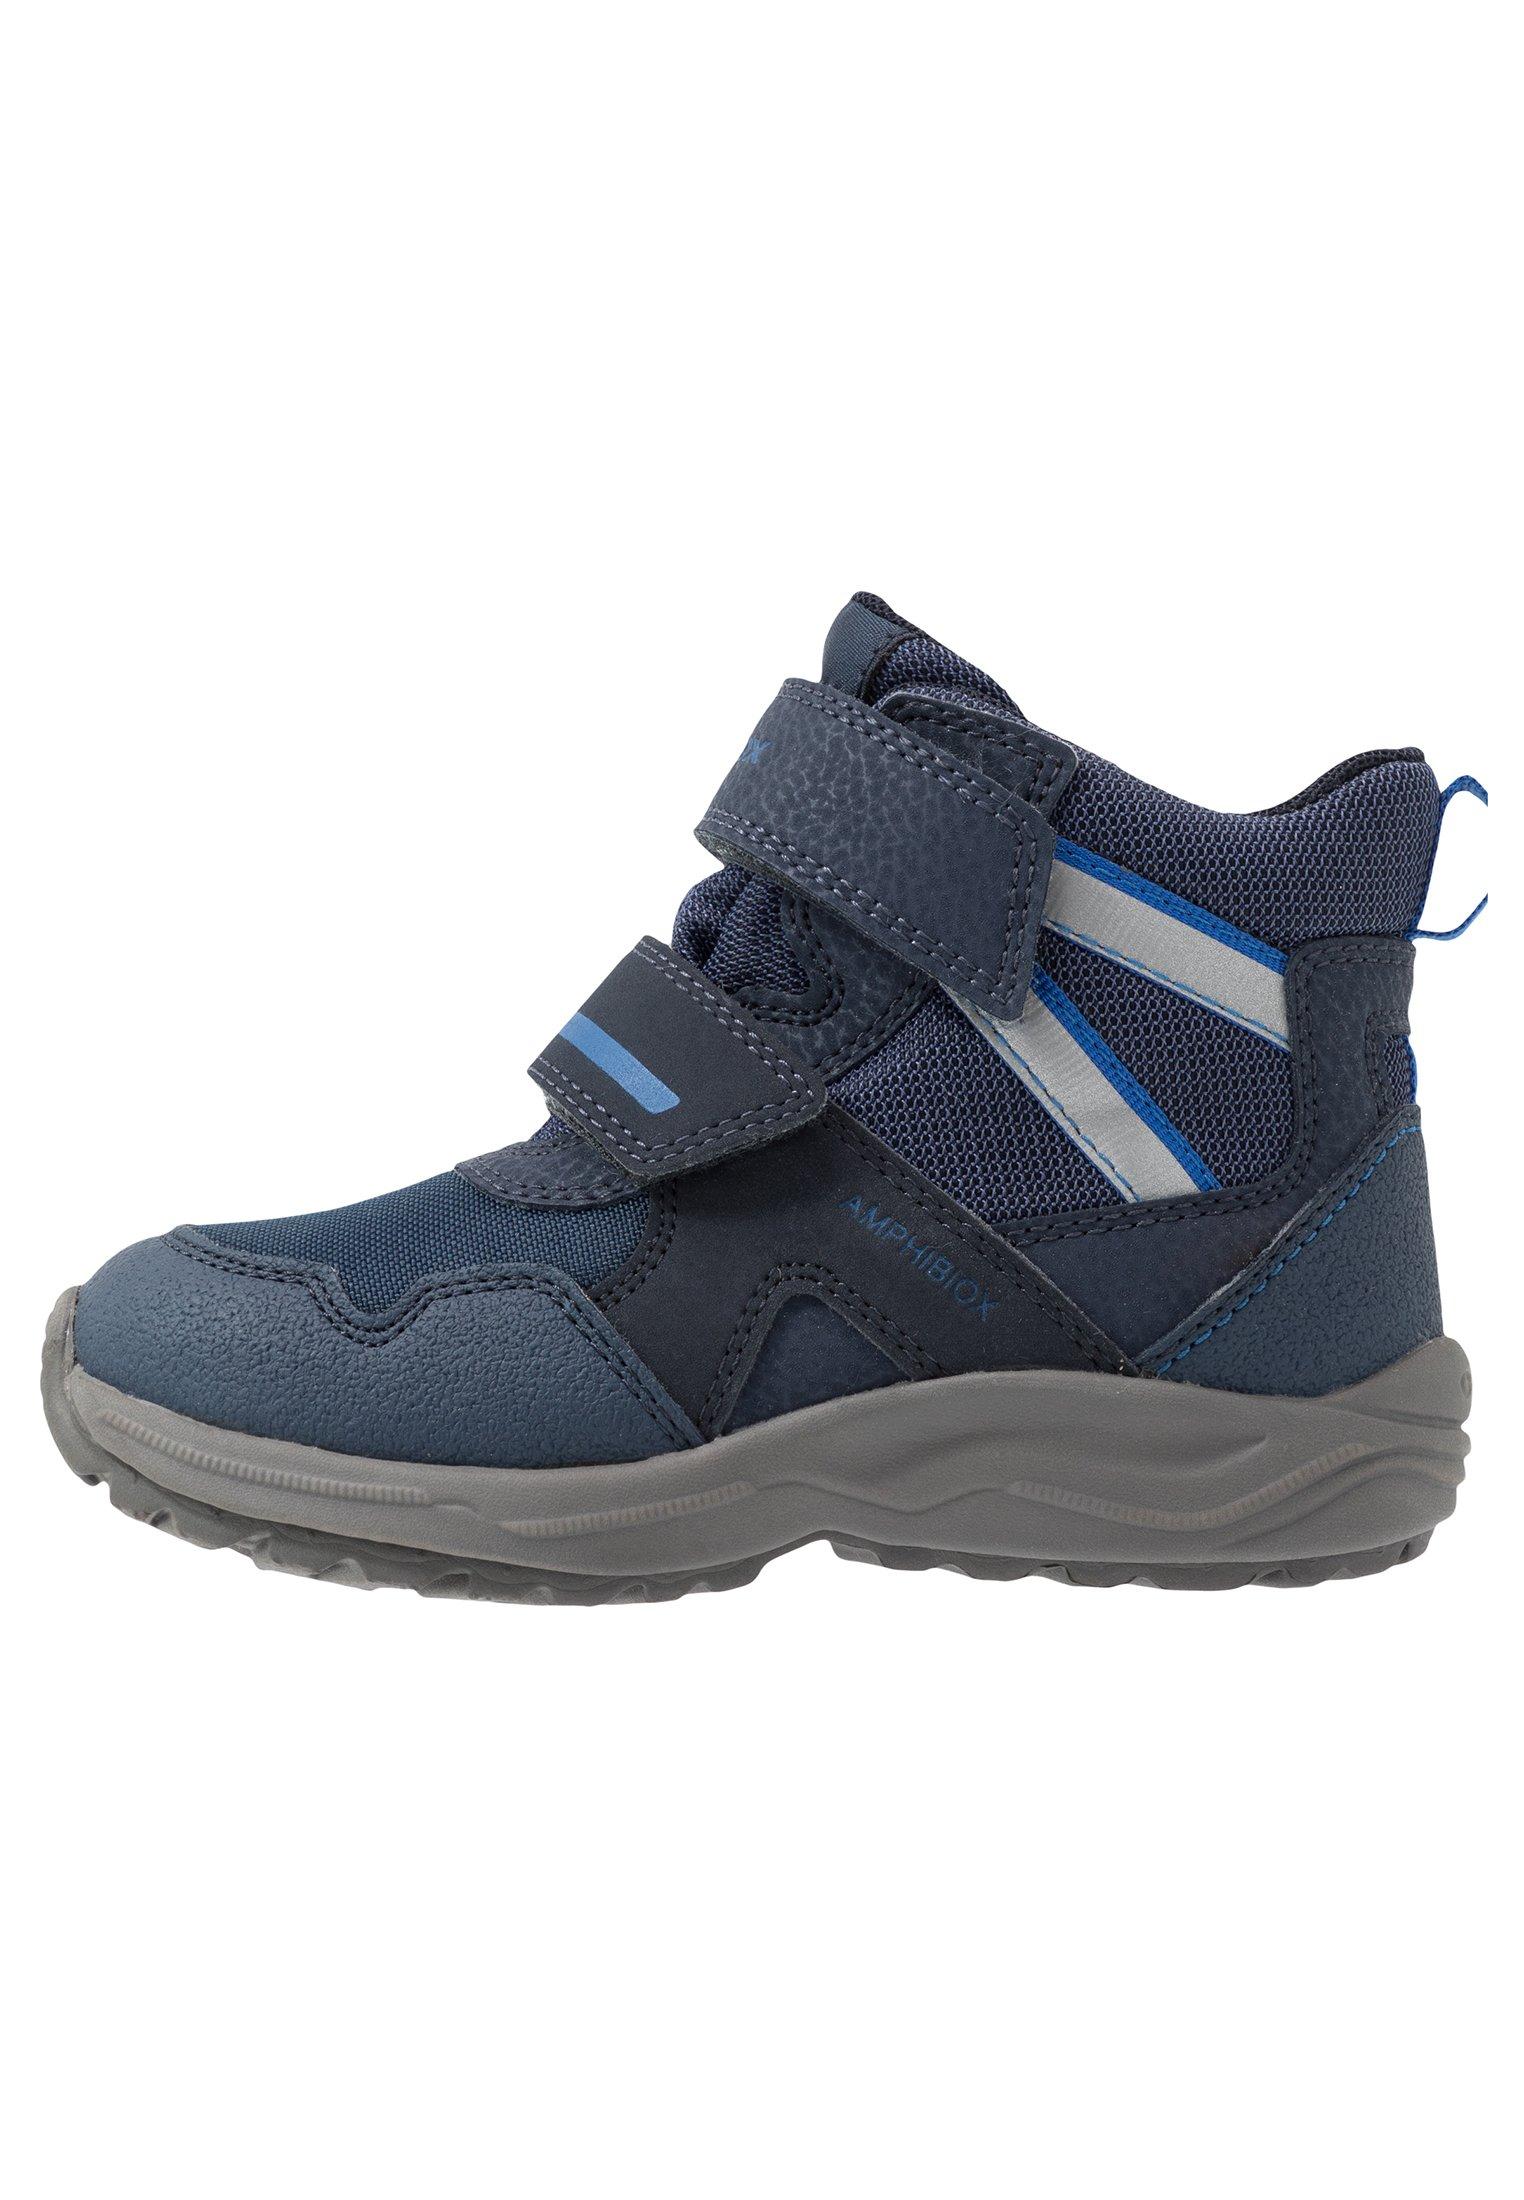 KURAY BOY Winter boots navyroyal